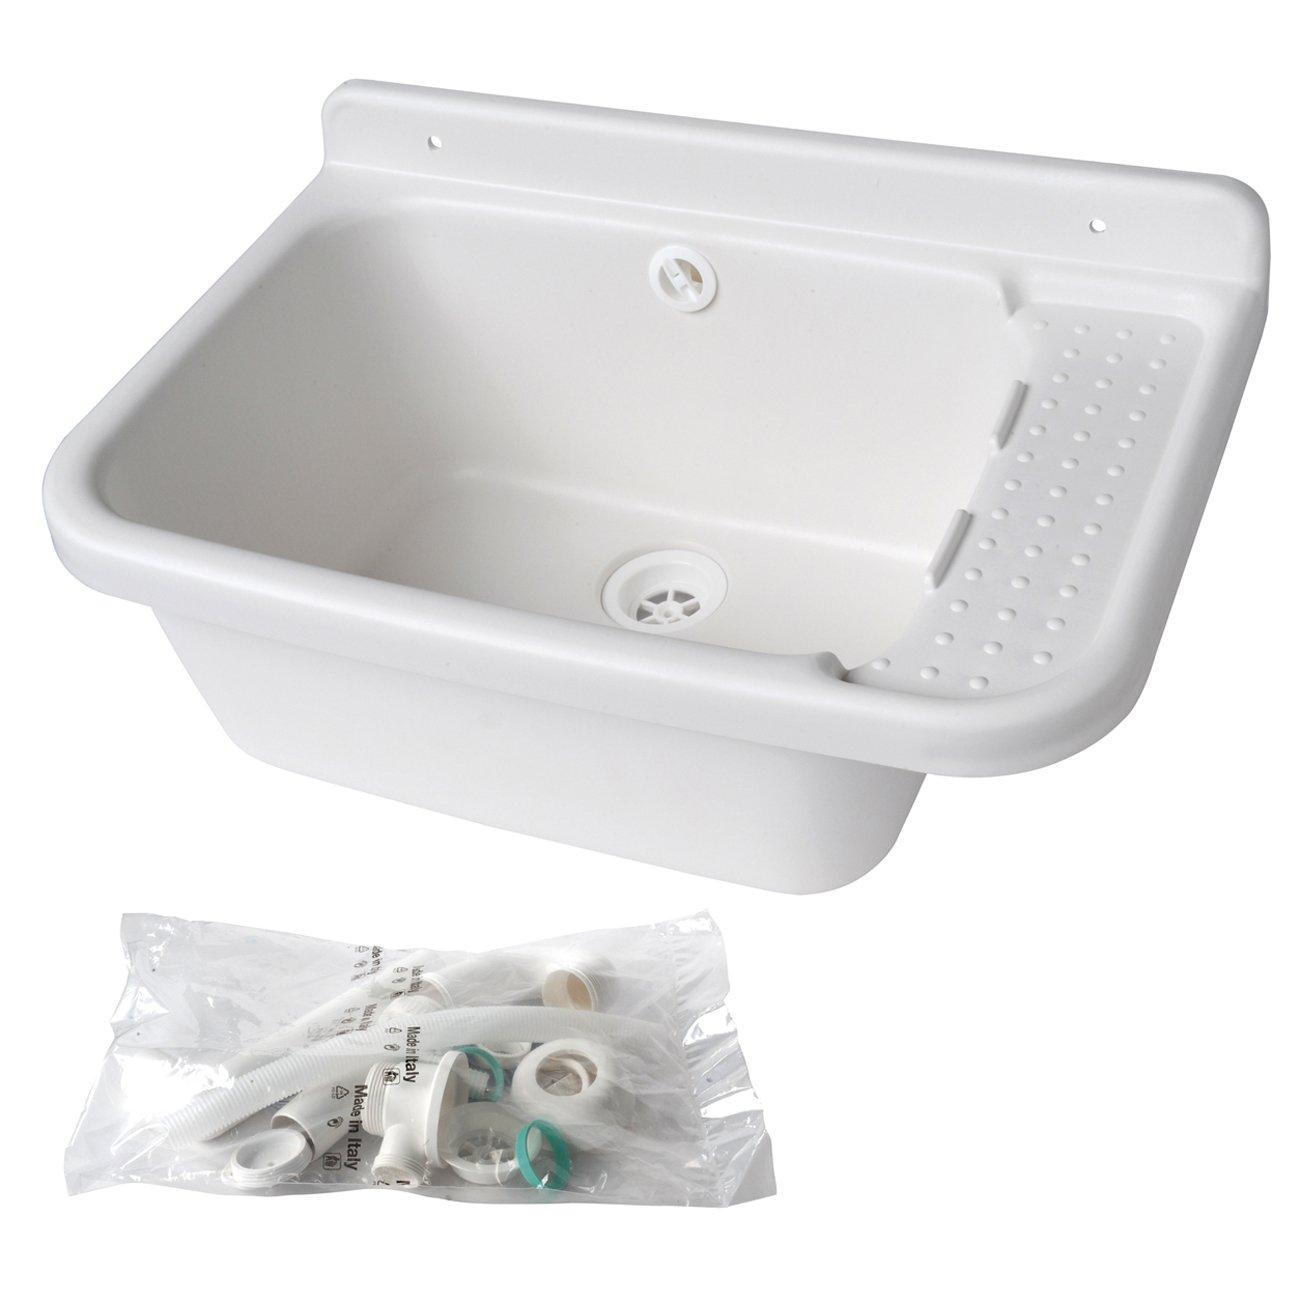 The Ventilation lavsg50-y Sink pilozzo in Resin, White, 500x 350x 240mm by La Ventilazione